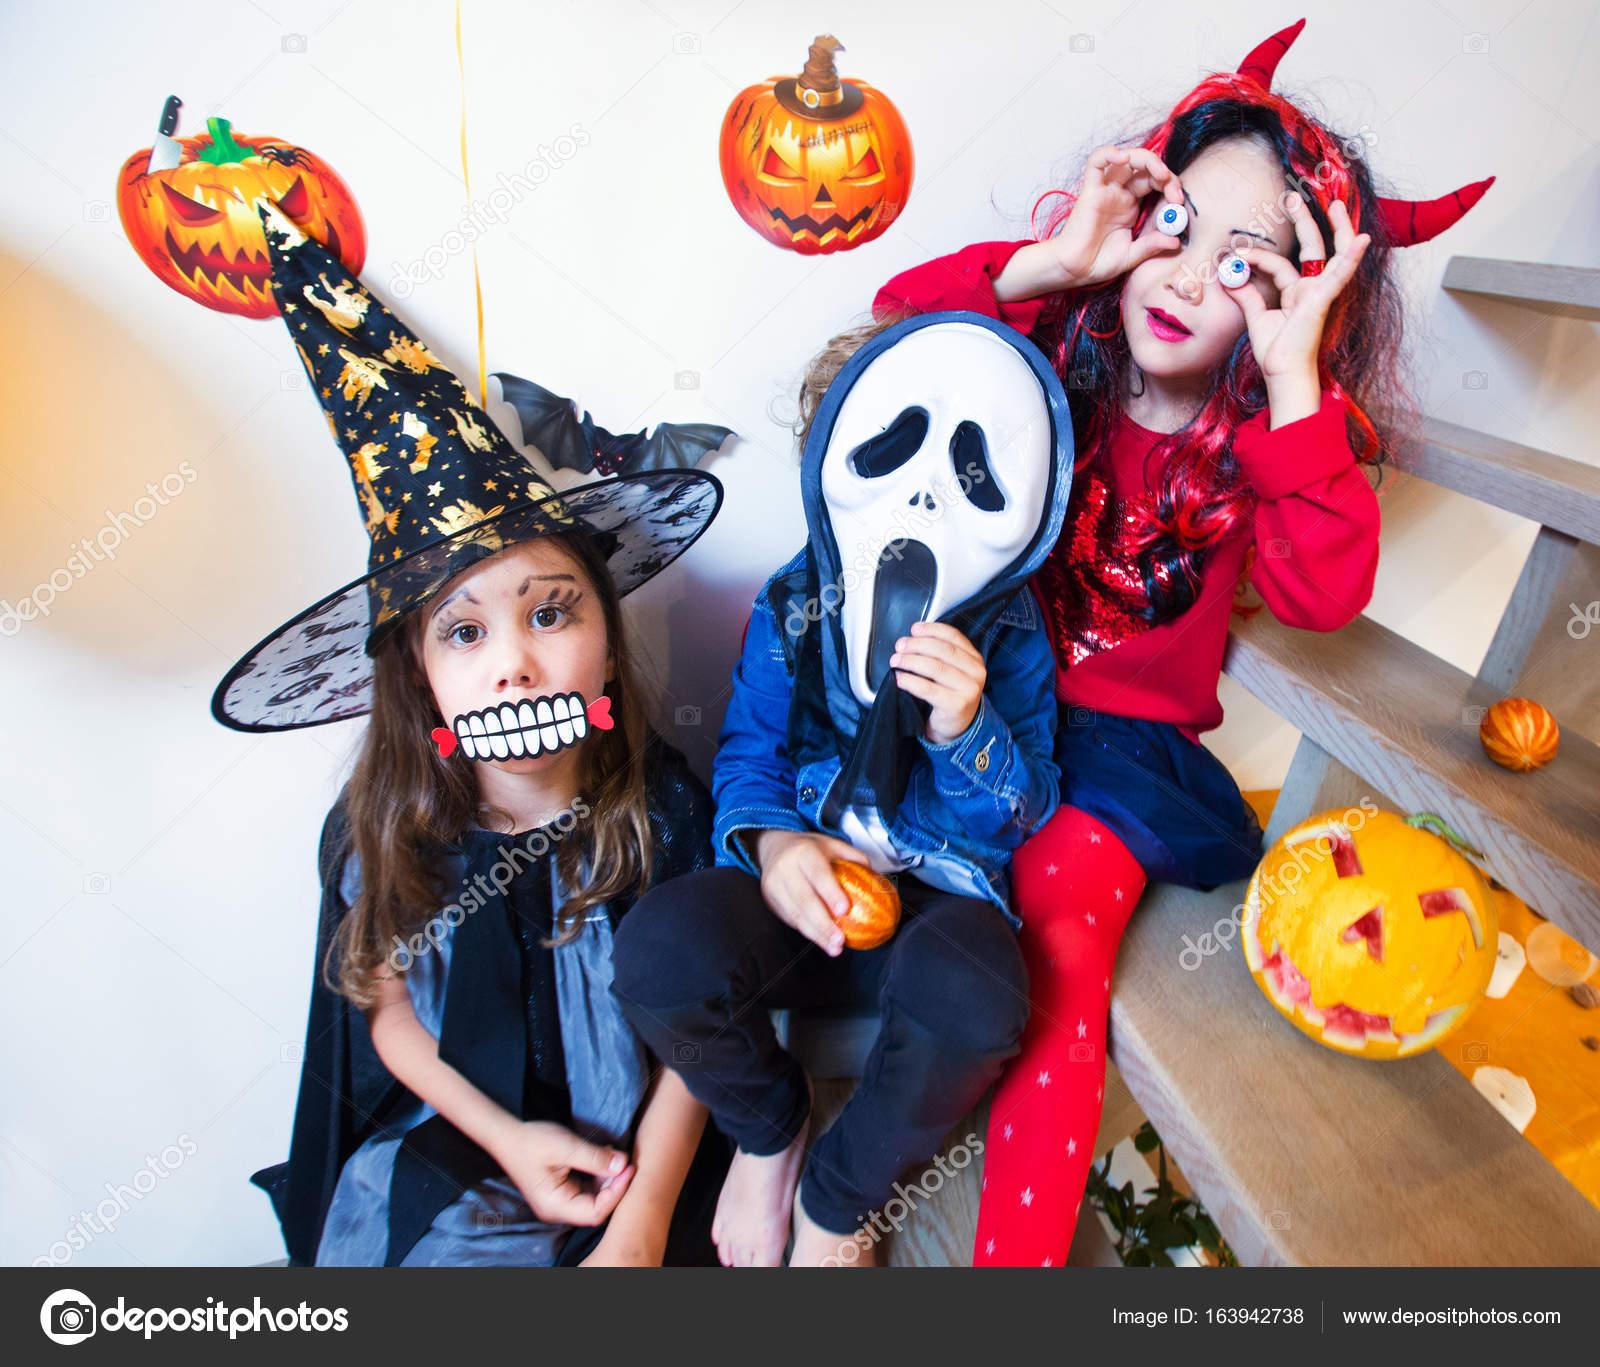 Kinderen Halloween.Kinderen In Halloween Kostuums Stockfoto C Yanlev 163942738